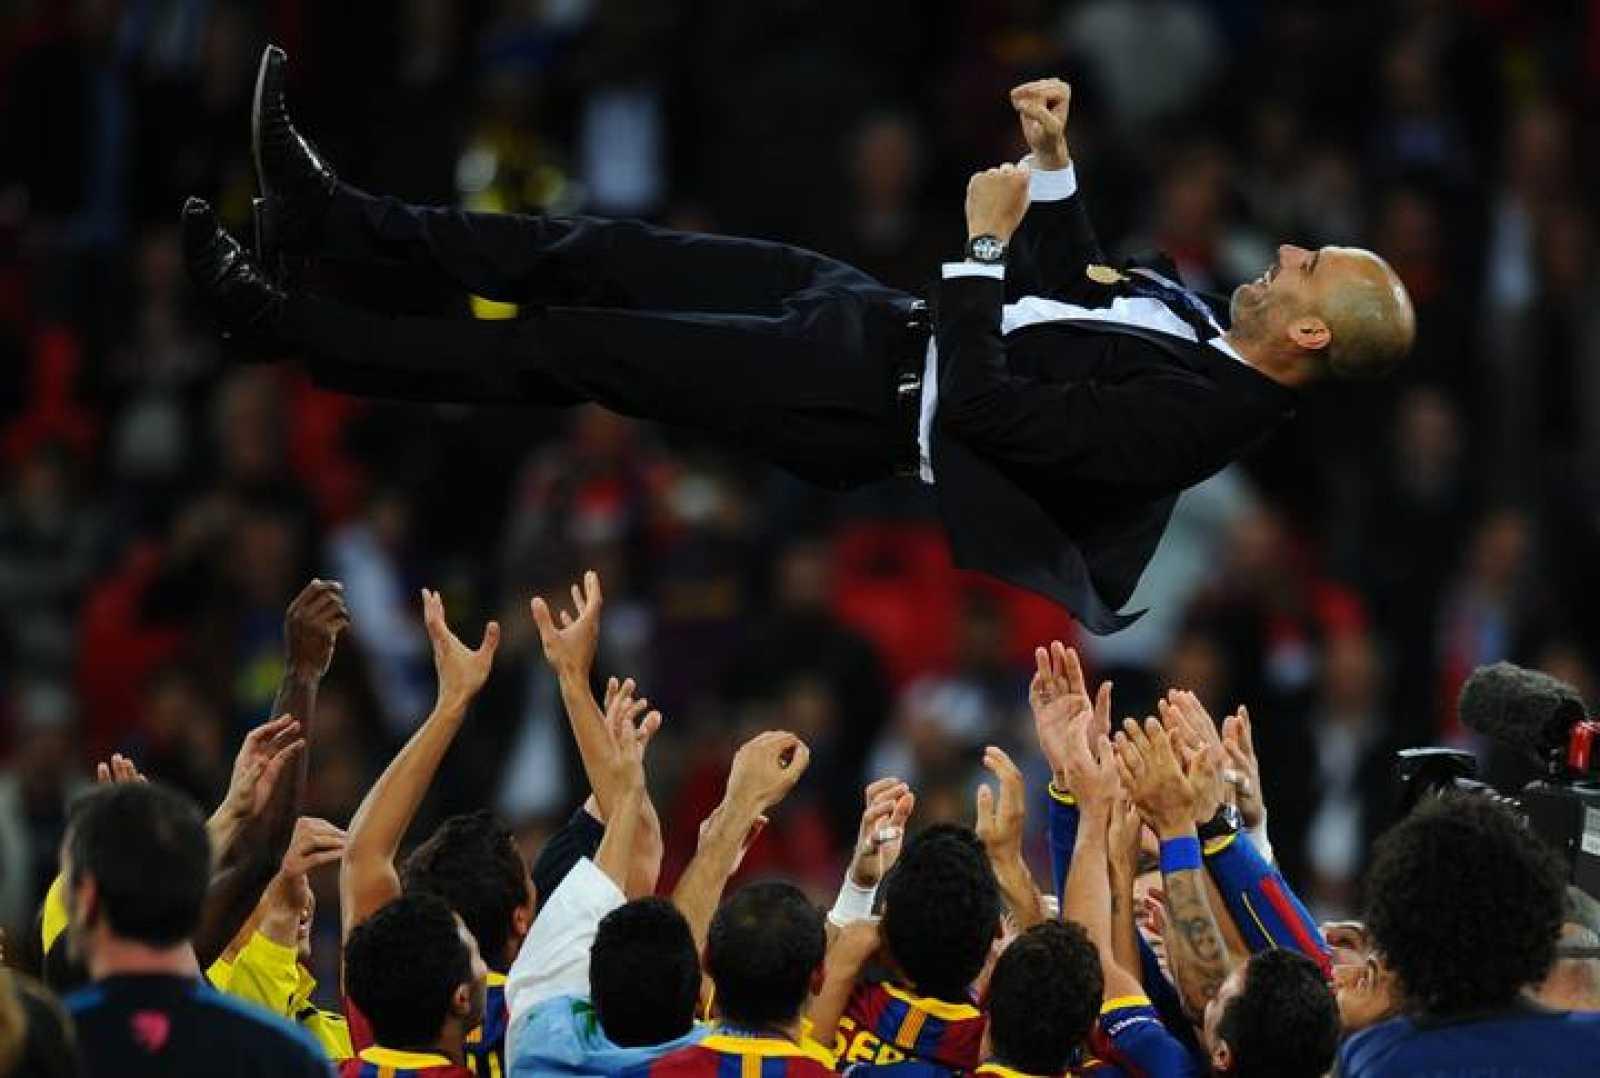 Guardiola es manteado por sus jugadores después de conseguir su segunda Champions como entrenador, además de la que ganó como jugador en 1992 en el mismo estadio de Wembley.